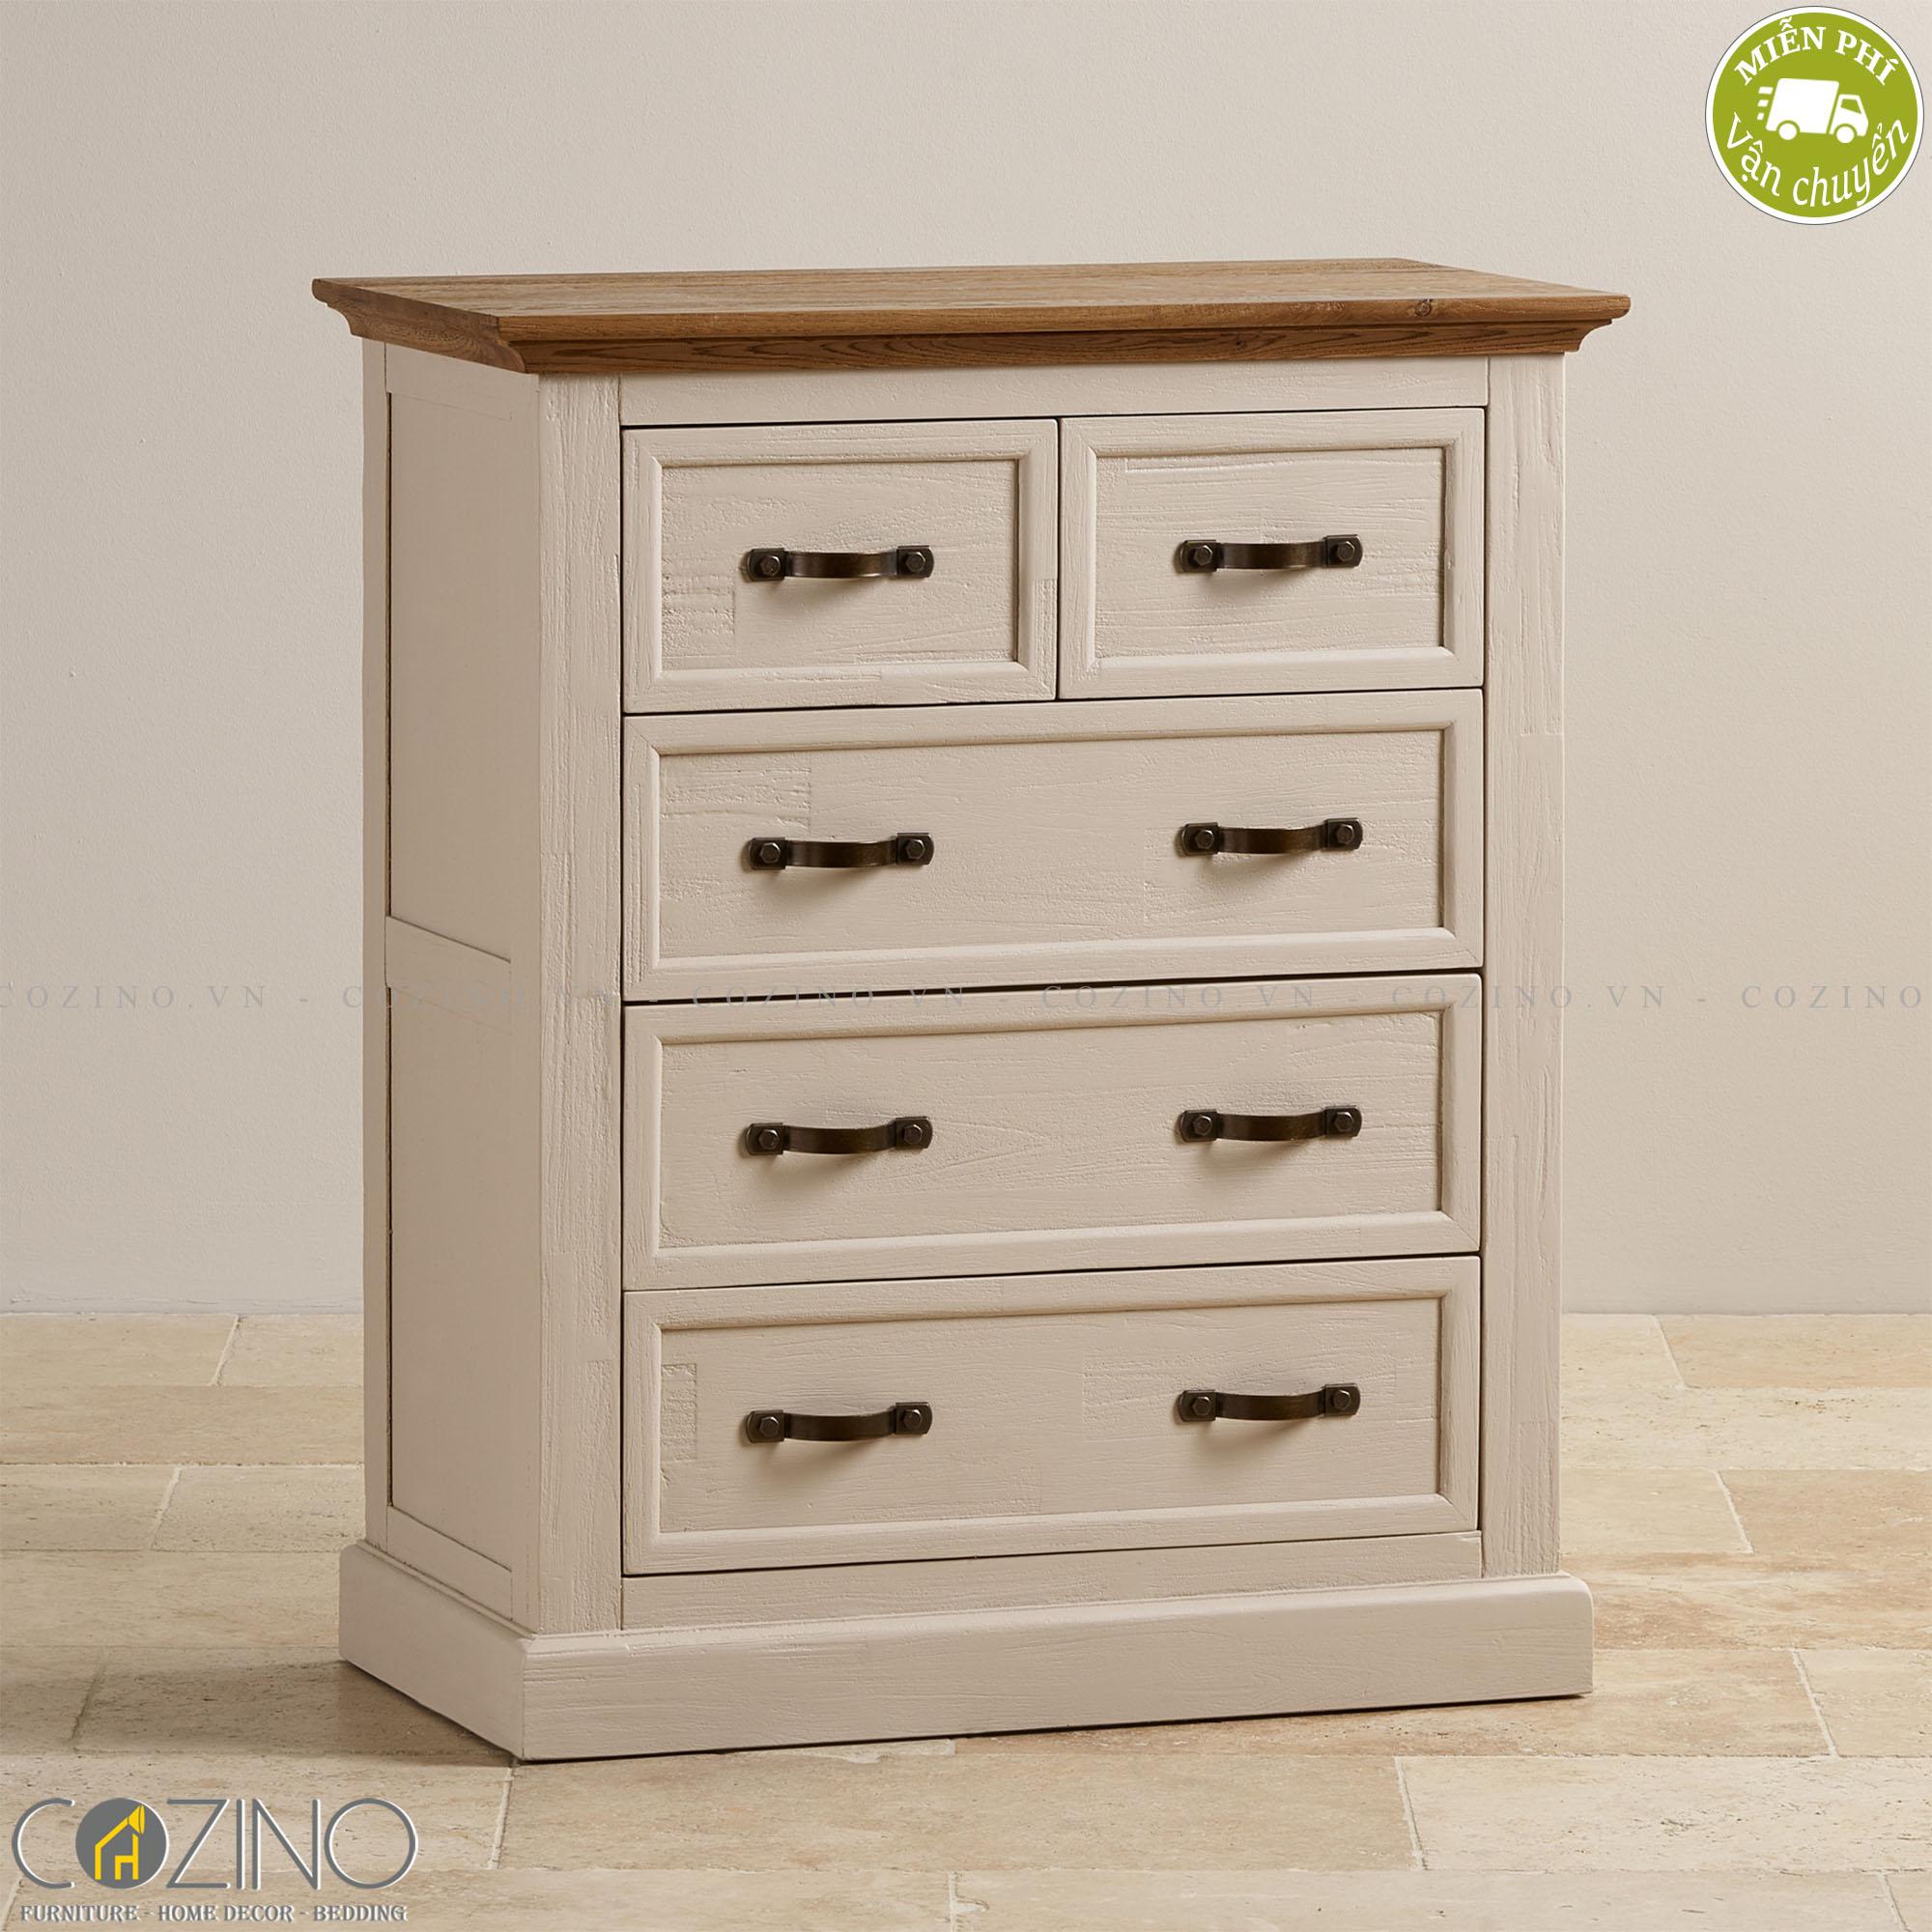 Tủ ngăn kéo ngang Sark 5 hộc gỗ sồi - Cozino